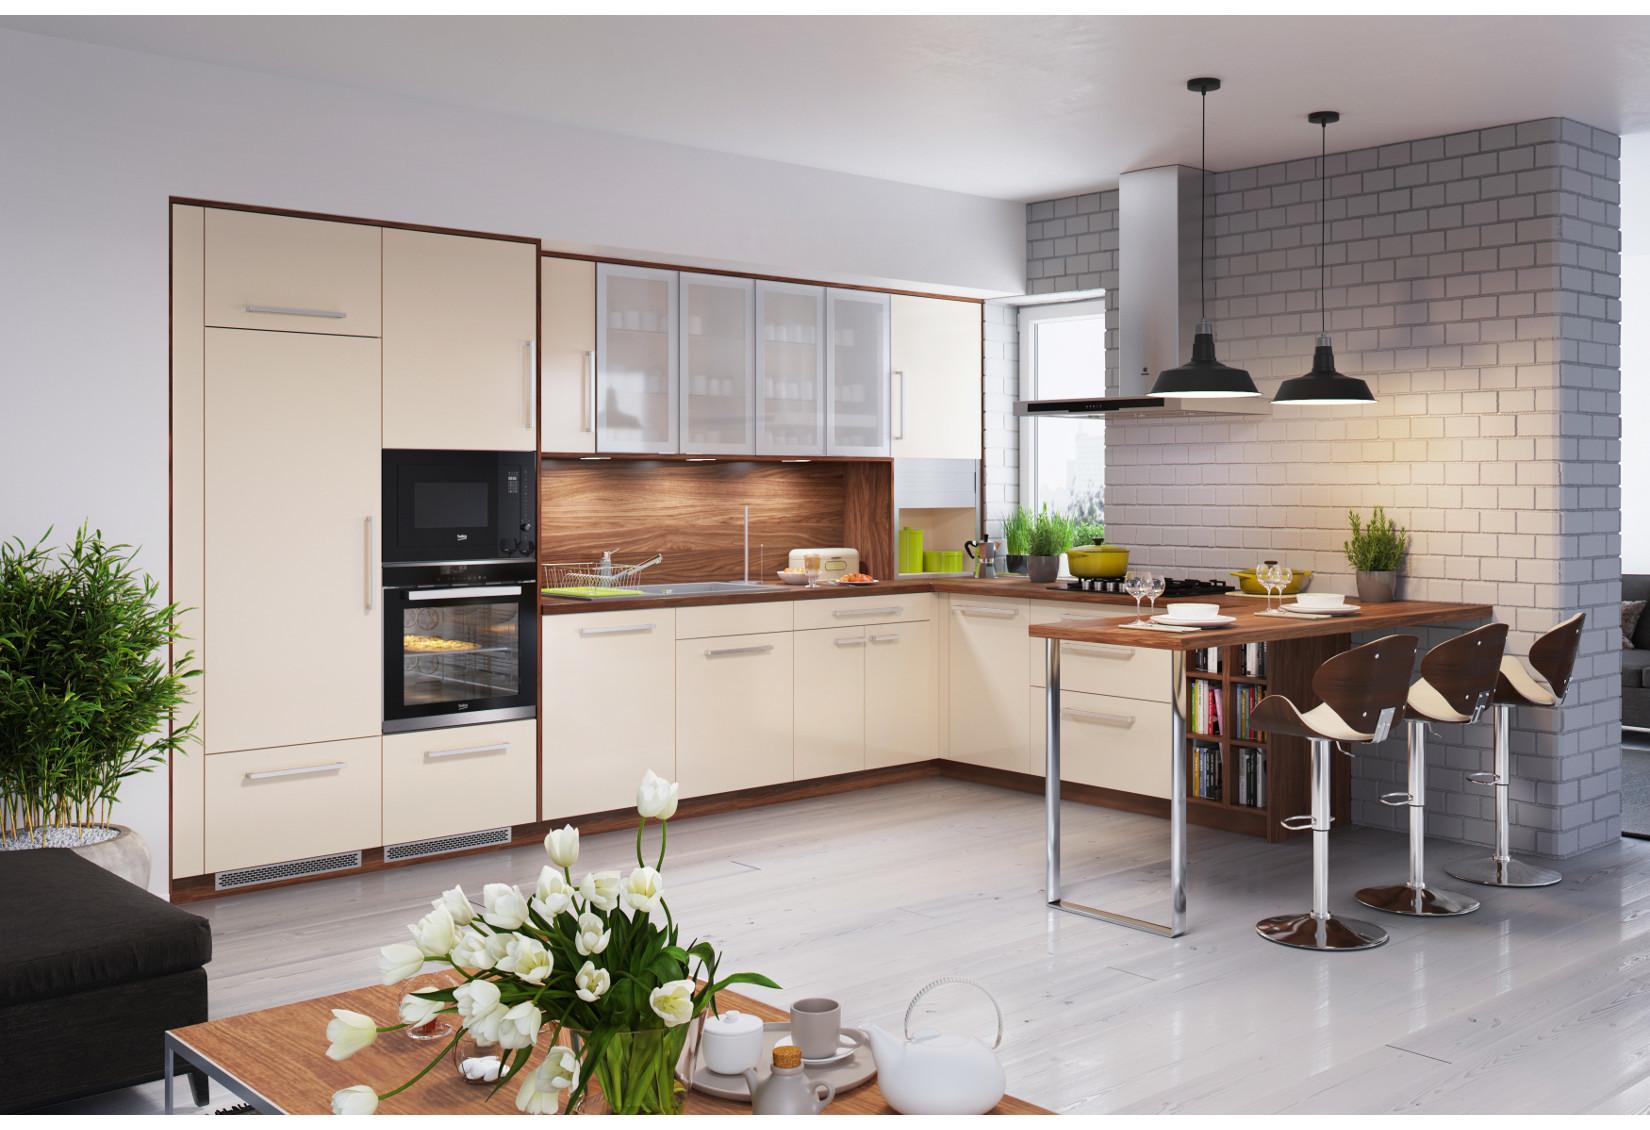 Jak Urządzić Kuchnię W Bloku Salony Agata